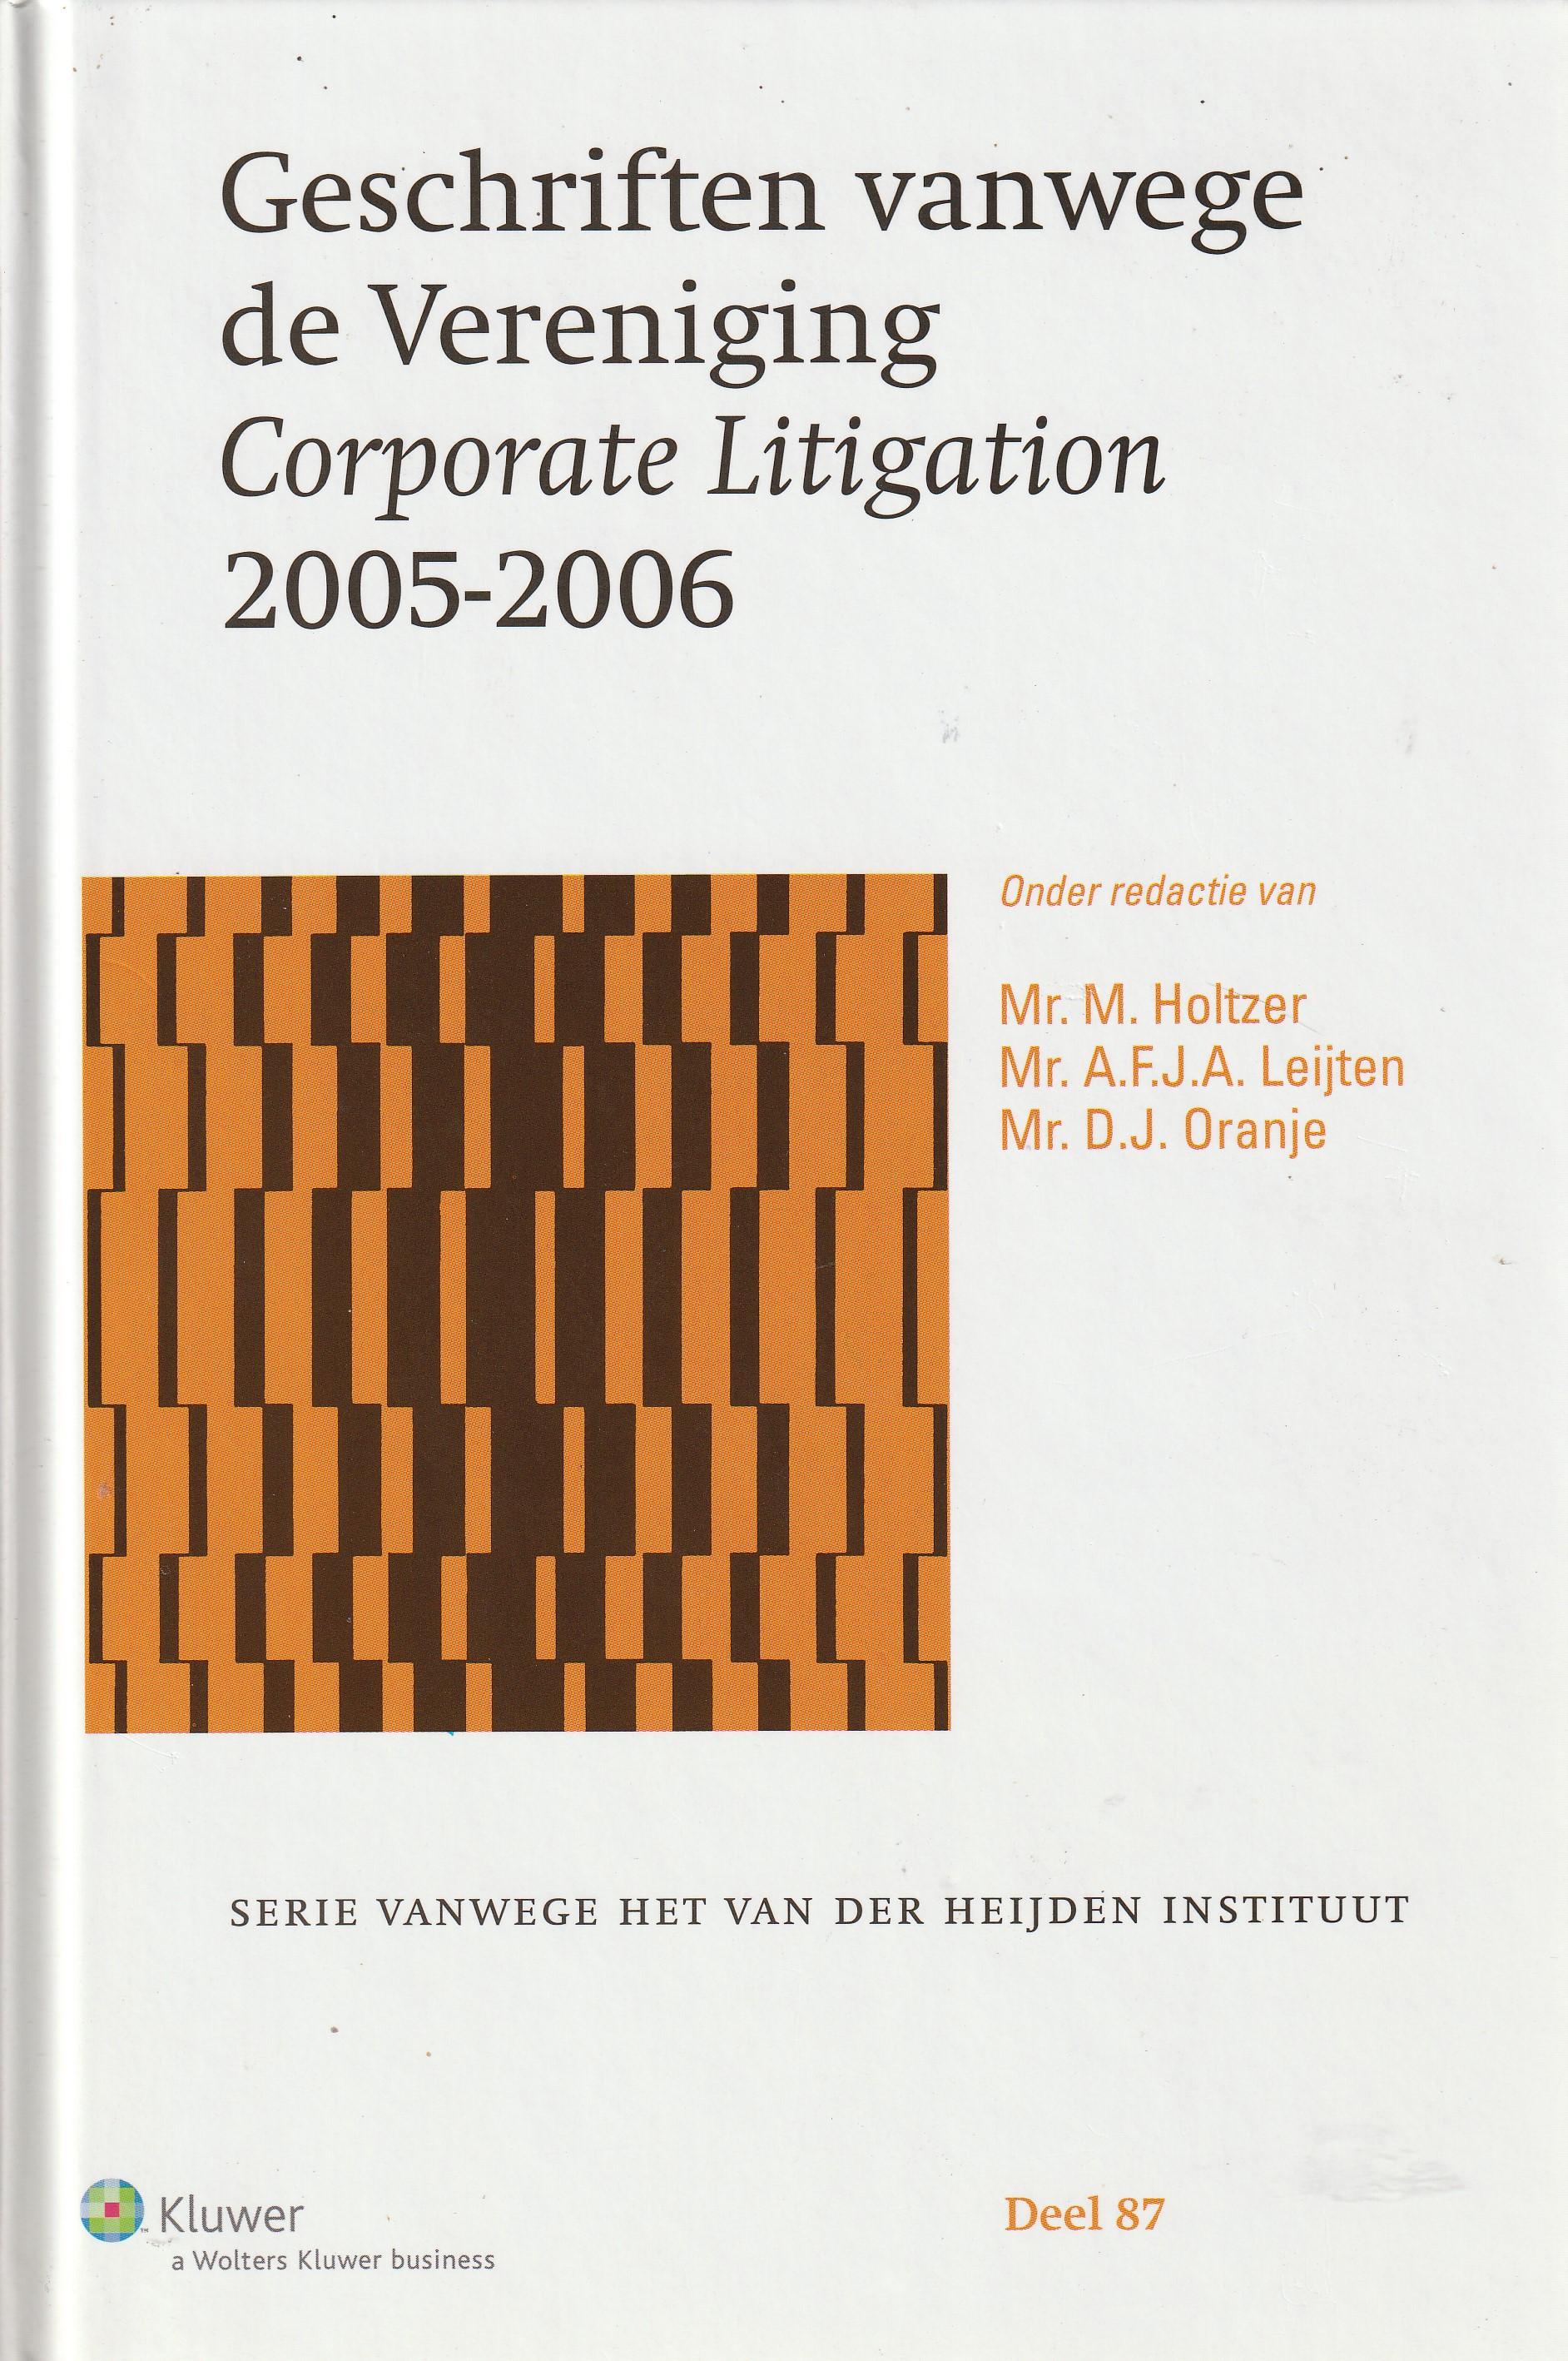 Geschriften vanwege de Vereniging Corporate Litigation 2005-2006